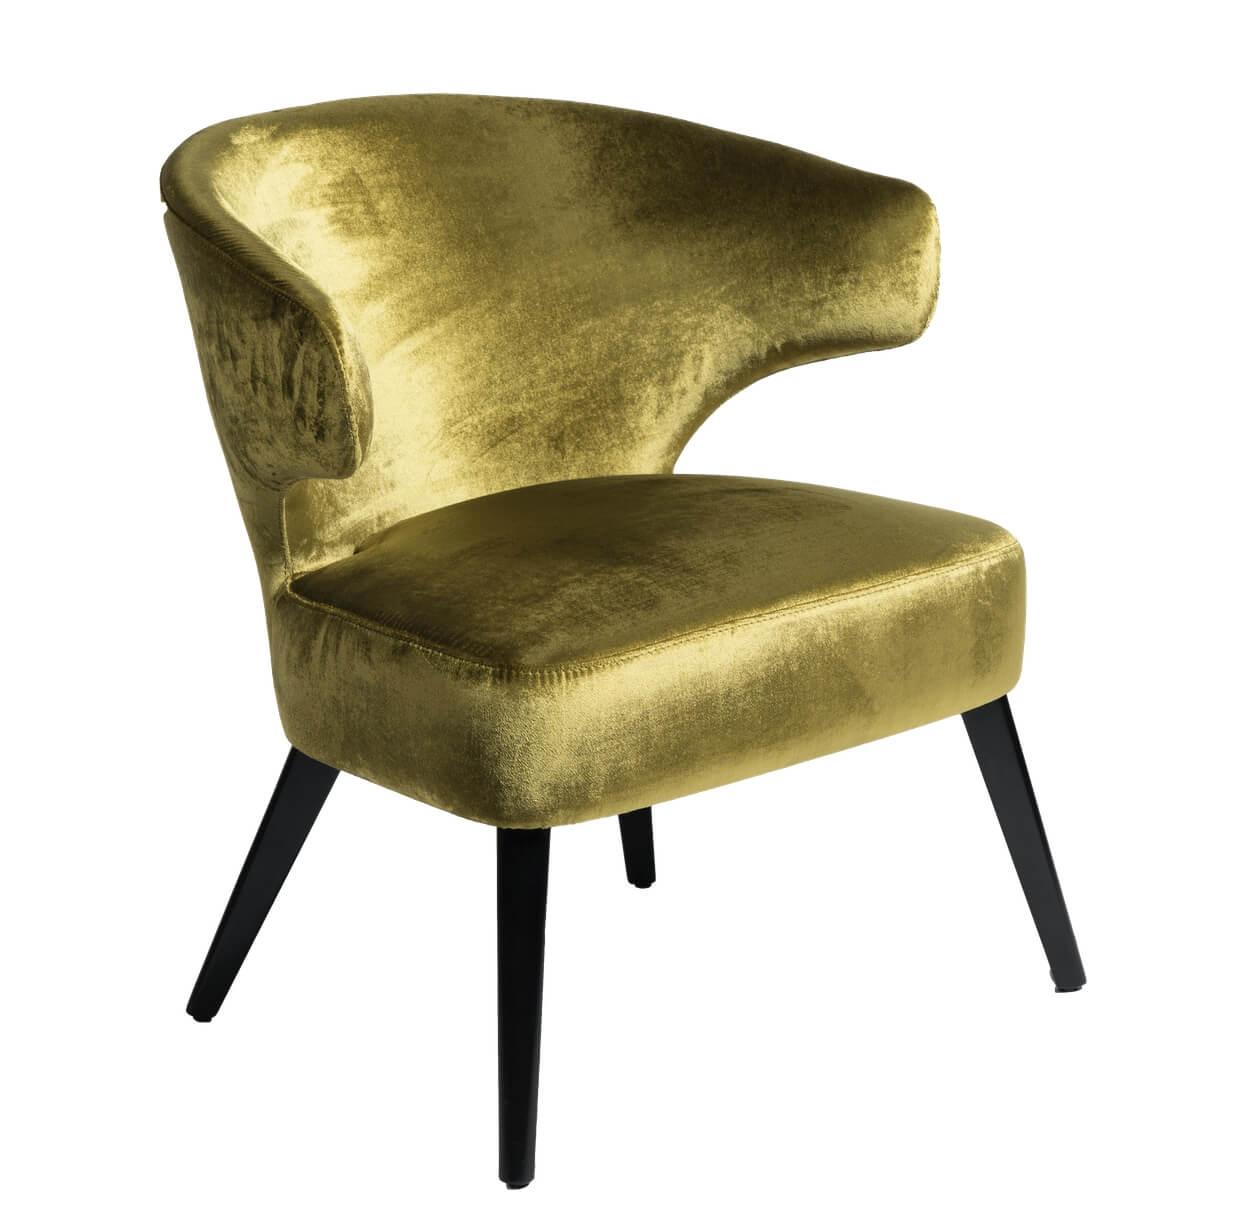 Rick fauteuil - Mulleman meubelen